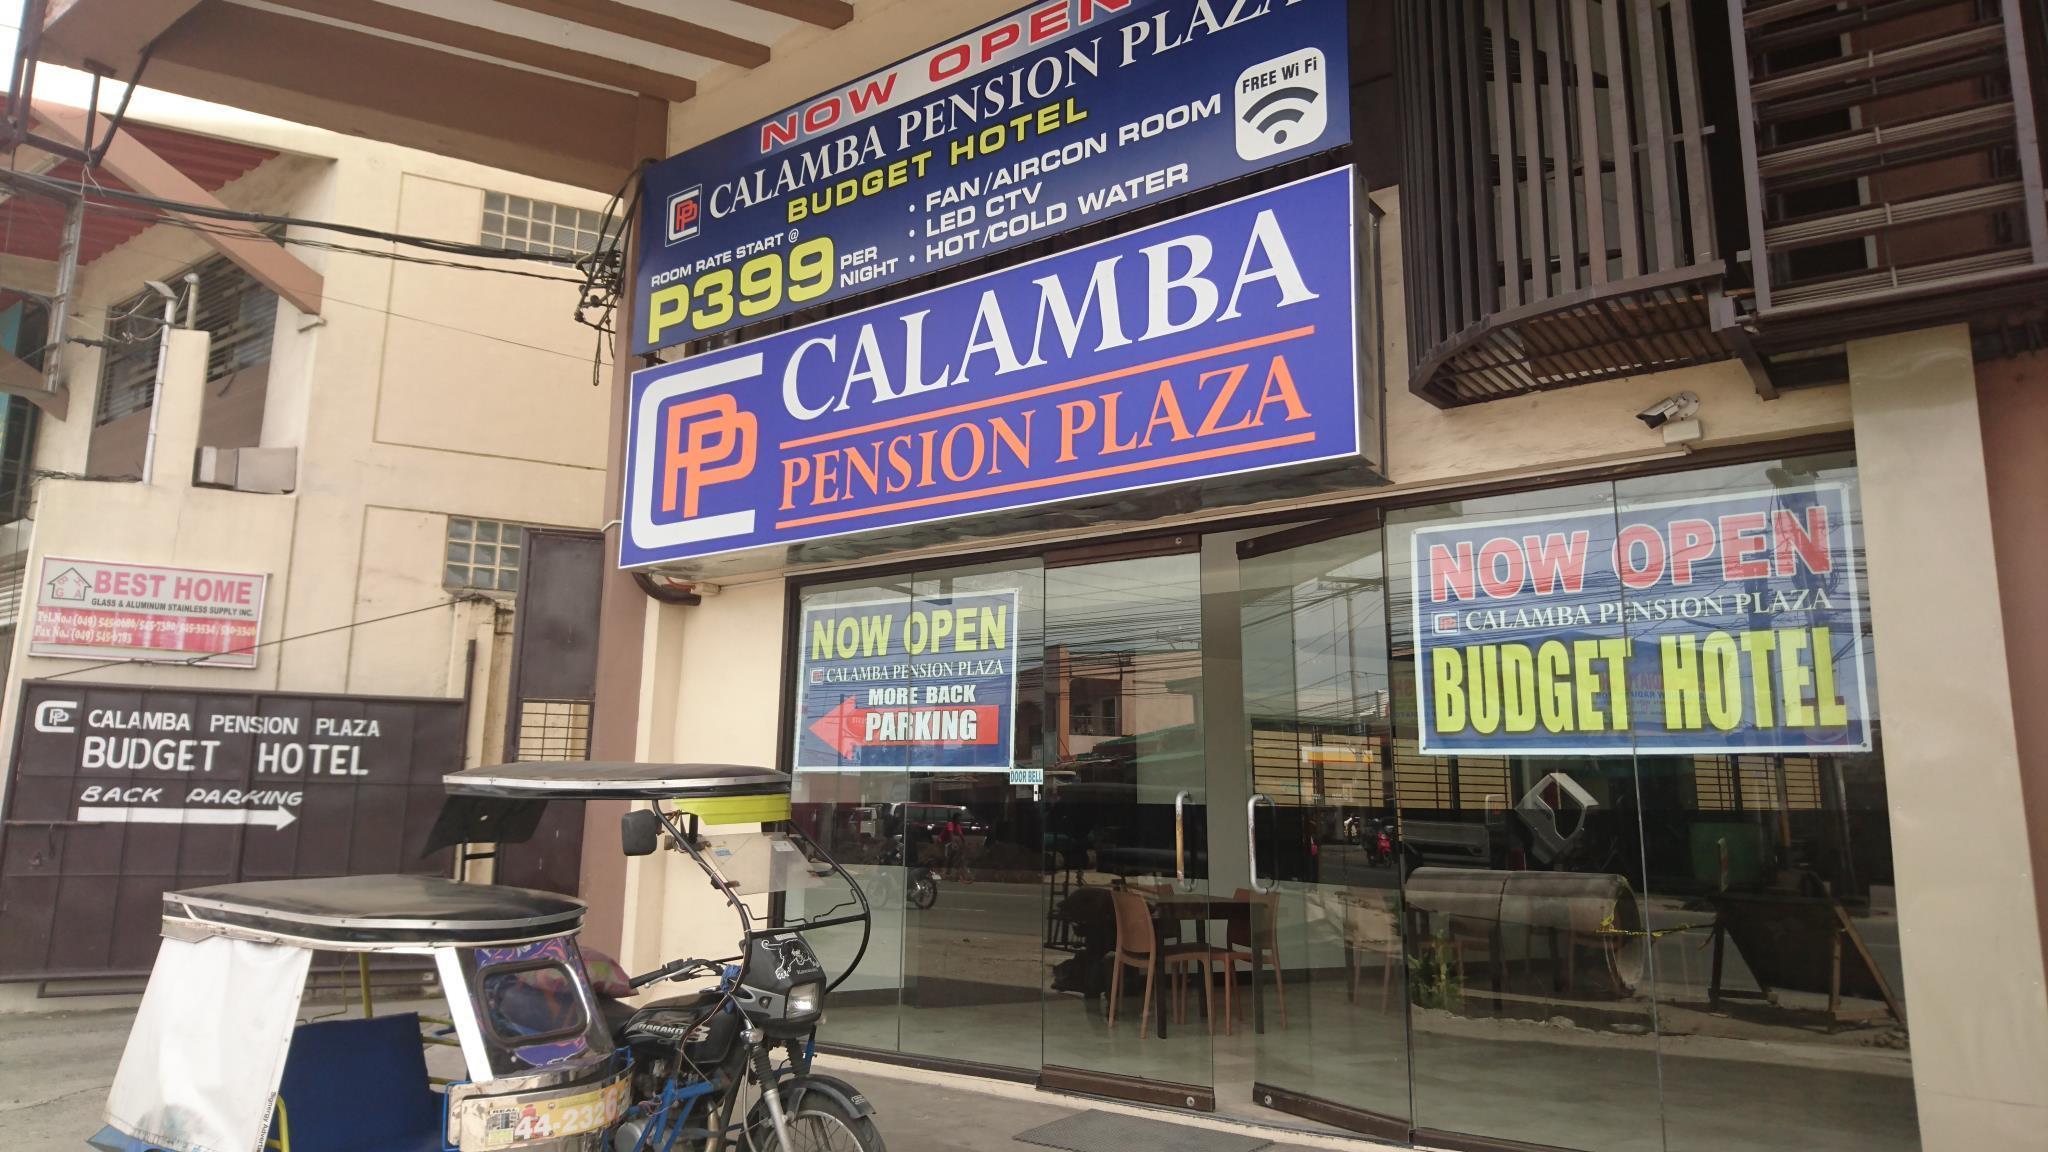 CALAMBA PENSION PLAZA, Calamba City